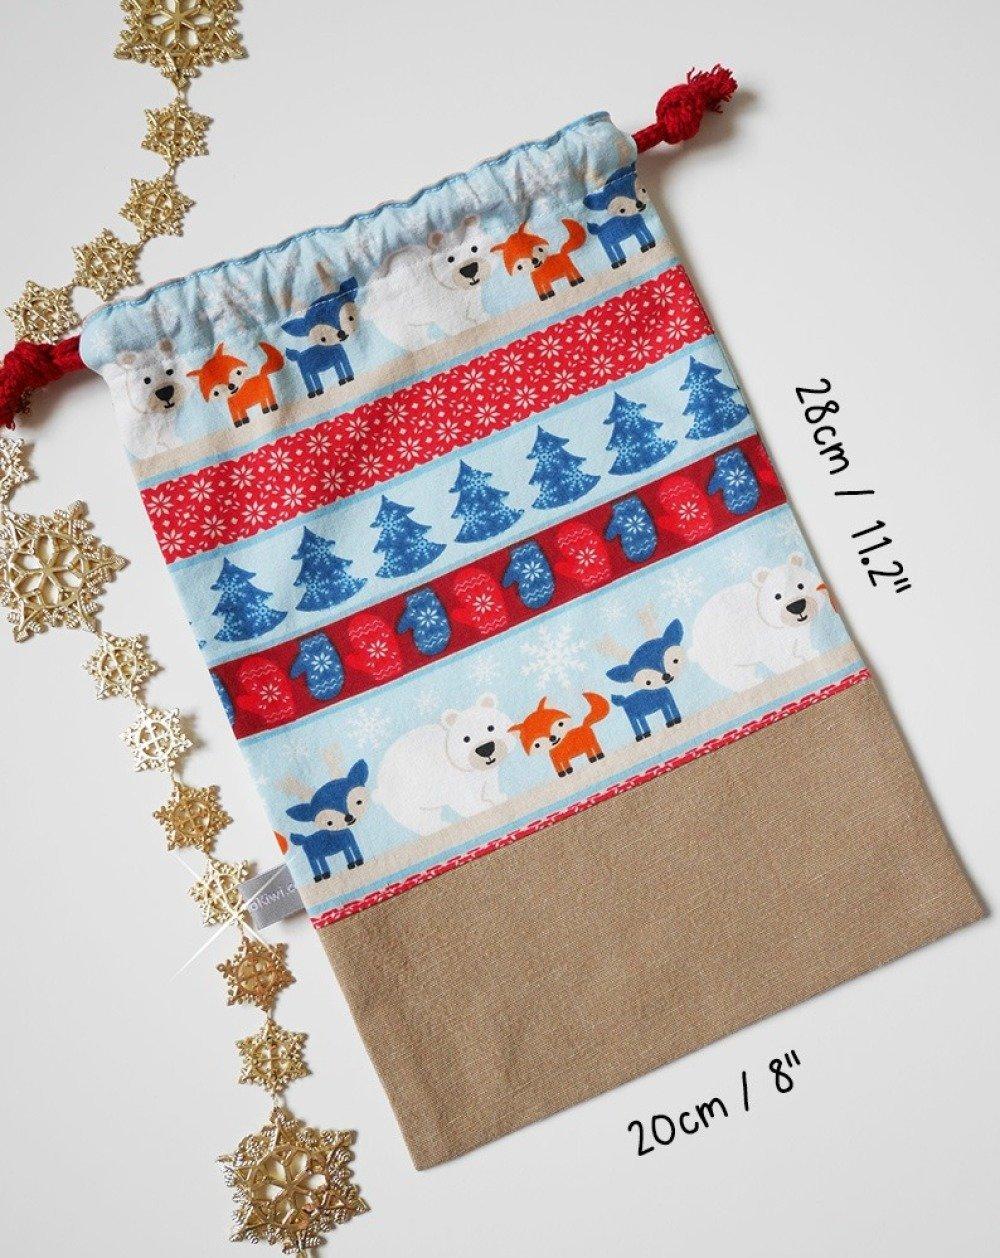 Sac de Noël personnalisable - Animaux Hiver